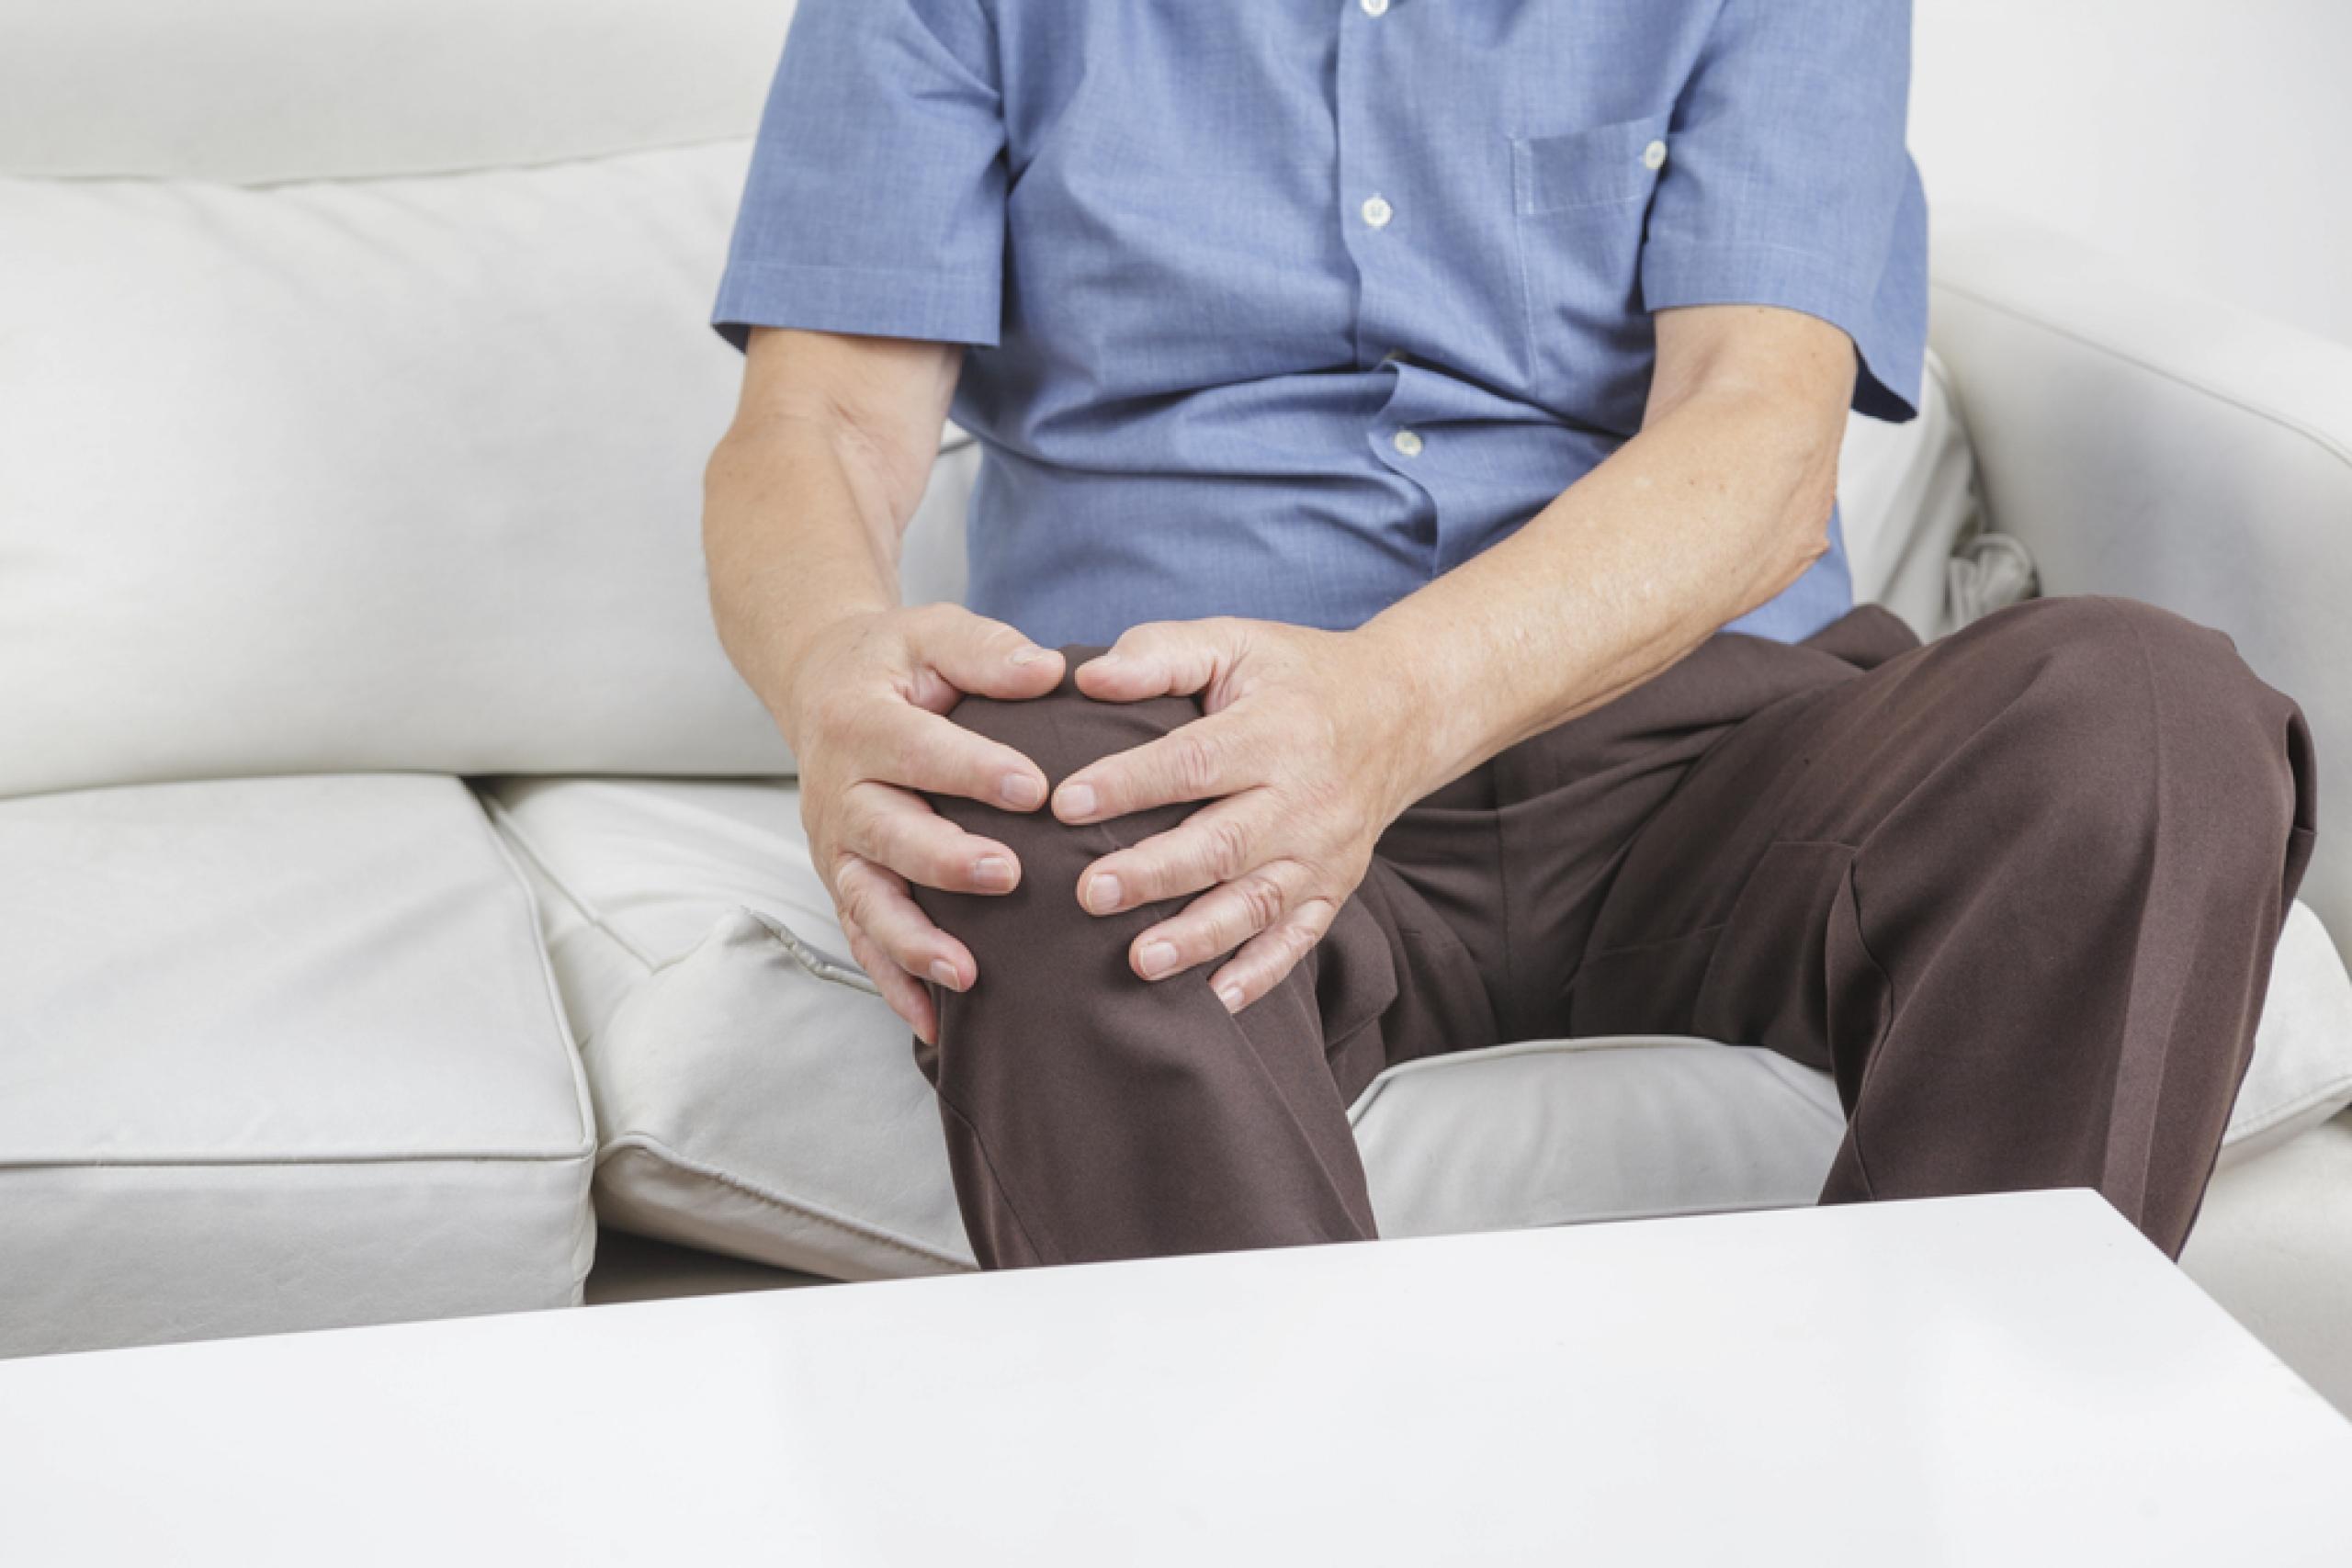 fájdalom és merevség a lábak ízületeiben akik a rheumatoid arthritis kezelésére